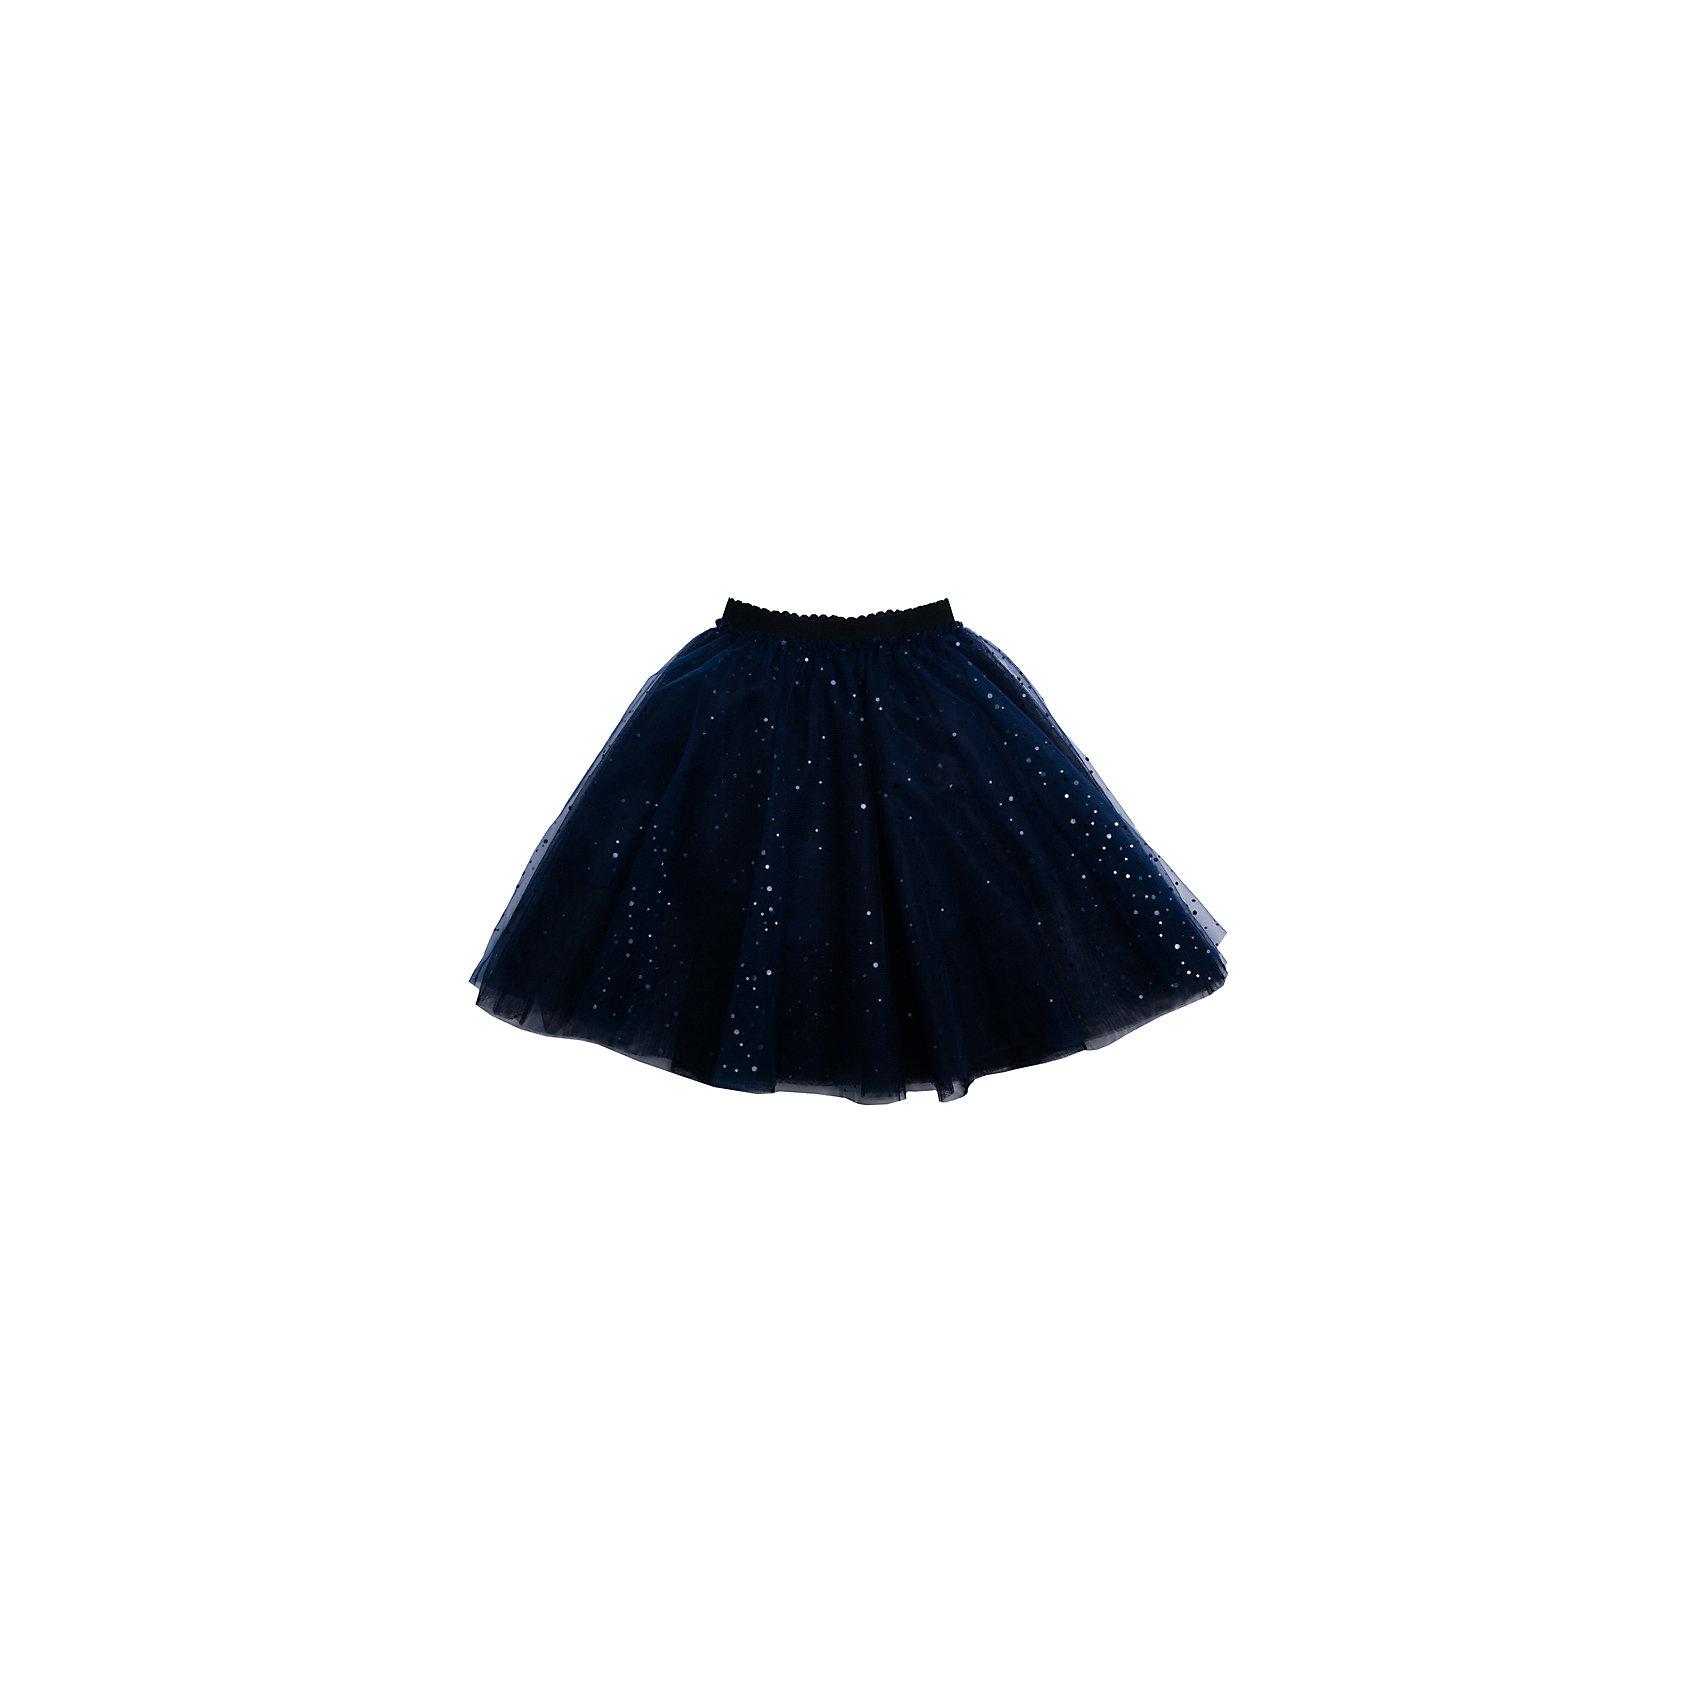 Юбка для девочки PlayTodayЮбки<br>Юбка для девочки от известного бренда PlayToday.<br>Пышная юбка-пачка.<br><br>Выполнена из легкого сетчатого материала. Хлопковая подкладка обеспечивает максимальное удобство, пояс на мягкой резинке. Украшена россыпью сверкающих пайеток.<br>Состав:<br>Верх: 100% полиэстер, Подкладка: 100% хлопок<br><br>Ширина мм: 207<br>Глубина мм: 10<br>Высота мм: 189<br>Вес г: 183<br>Цвет: синий<br>Возраст от месяцев: 36<br>Возраст до месяцев: 48<br>Пол: Женский<br>Возраст: Детский<br>Размер: 104,122,128,116,98,110<br>SKU: 5113840